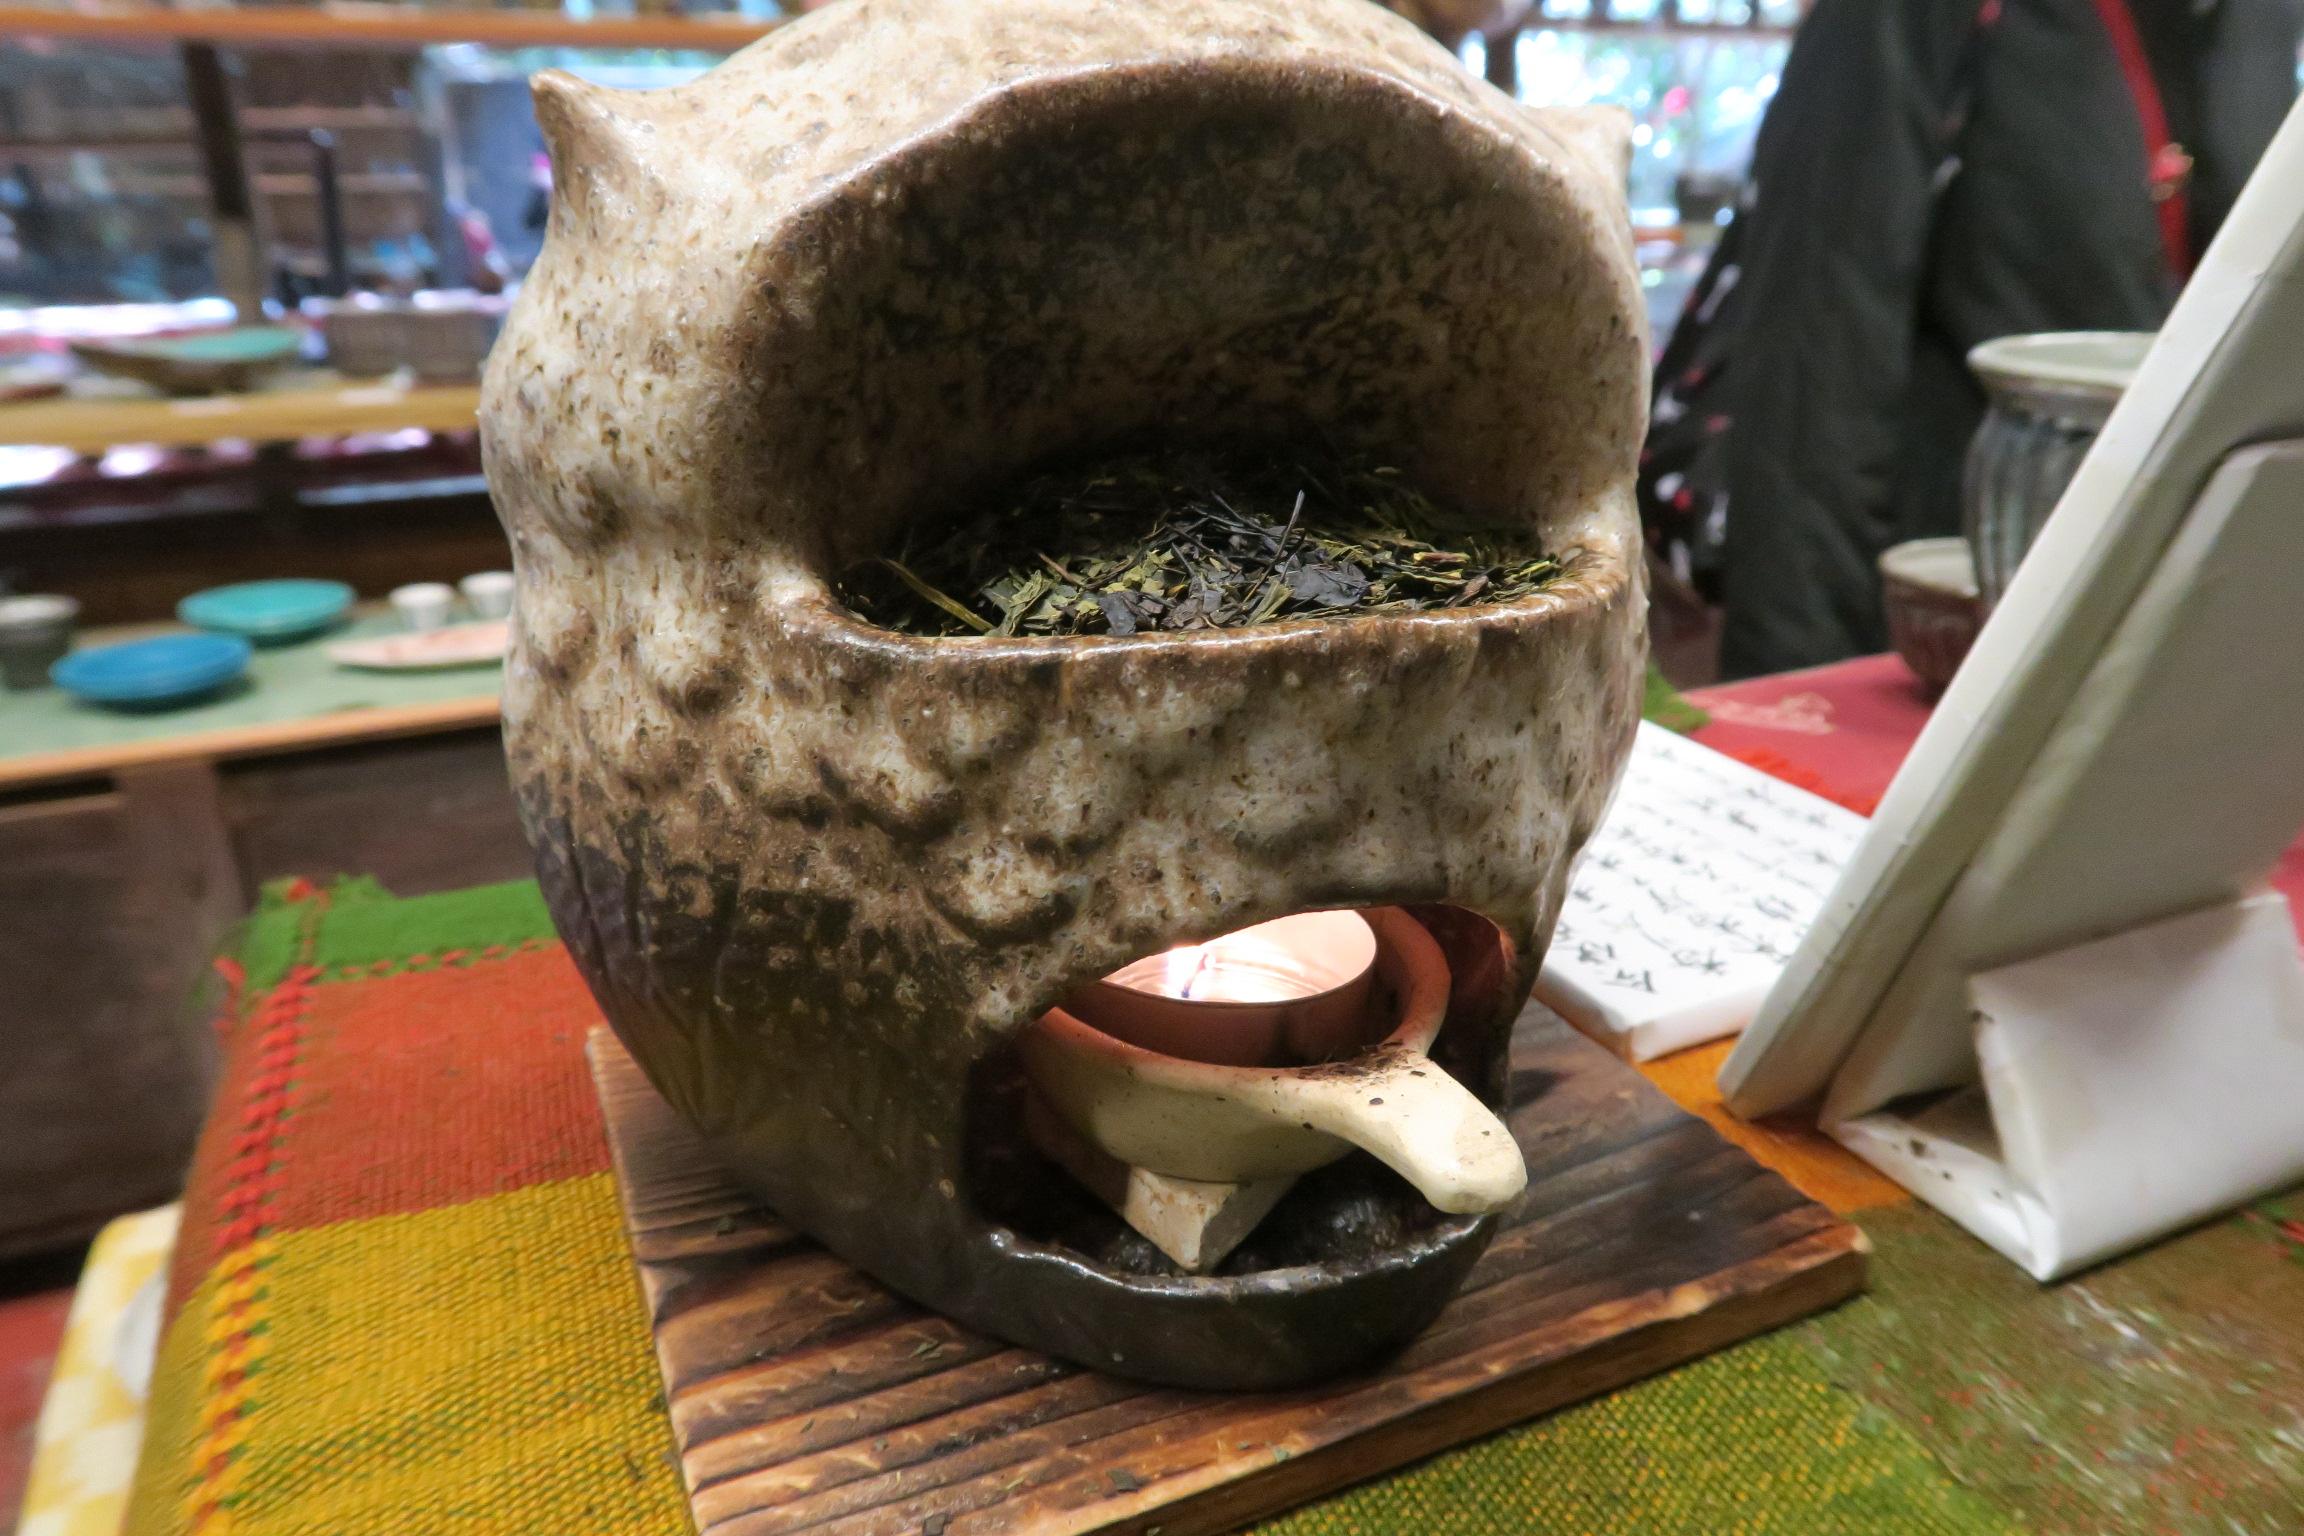 お茶のいい香り漂う店内。フクロウの置物の後ろでこのように香りを漂わせていました。